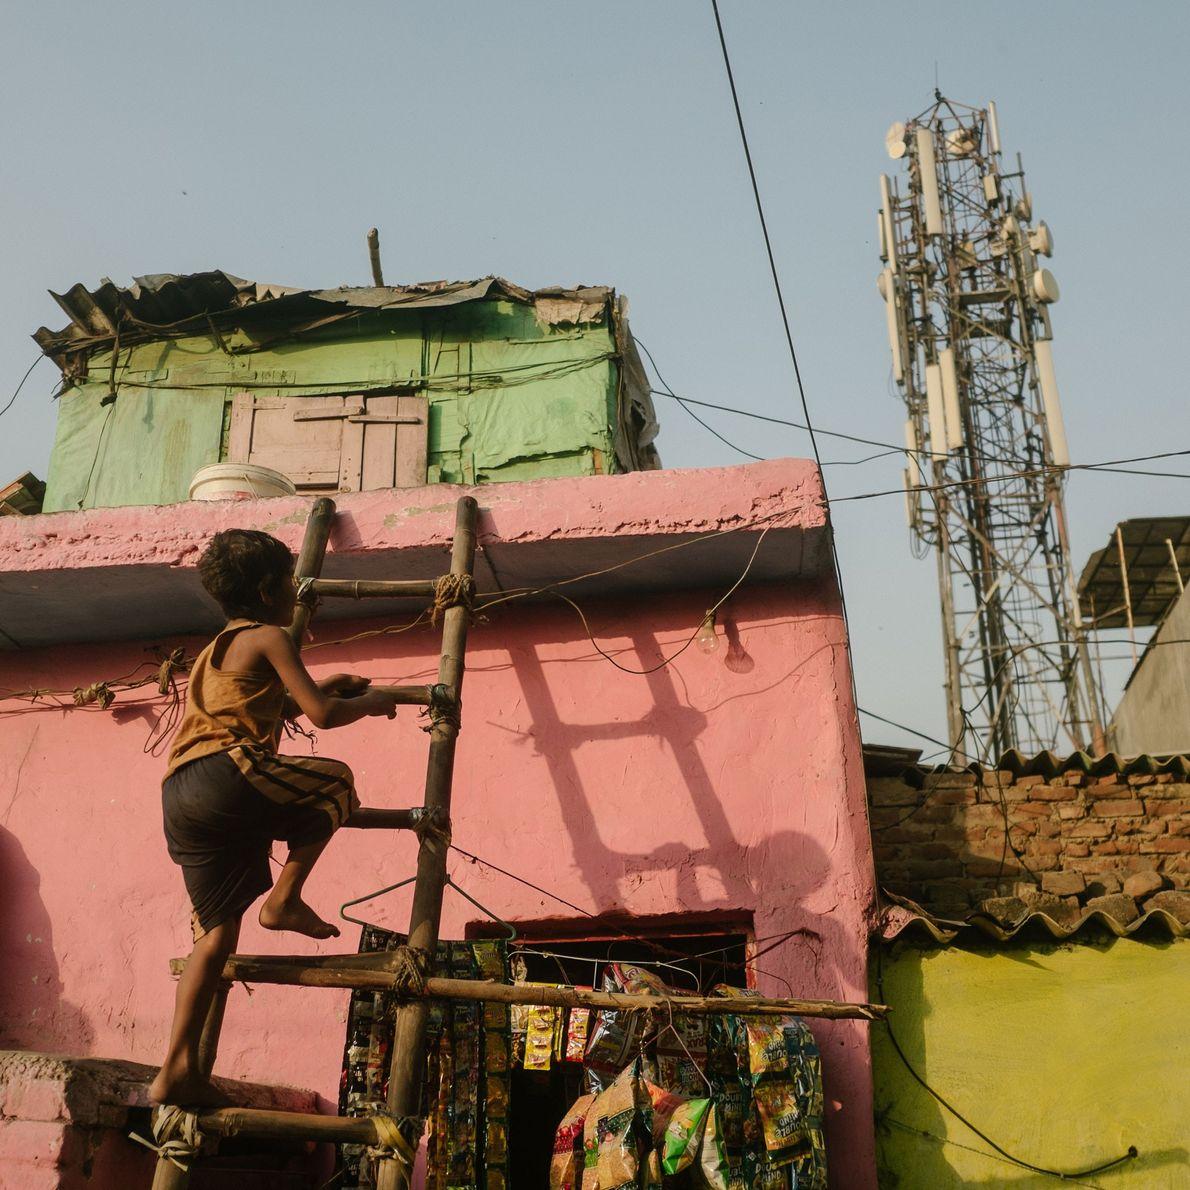 Fotografia da área perto do esgoto a céu aberto, na zona de Shahdara